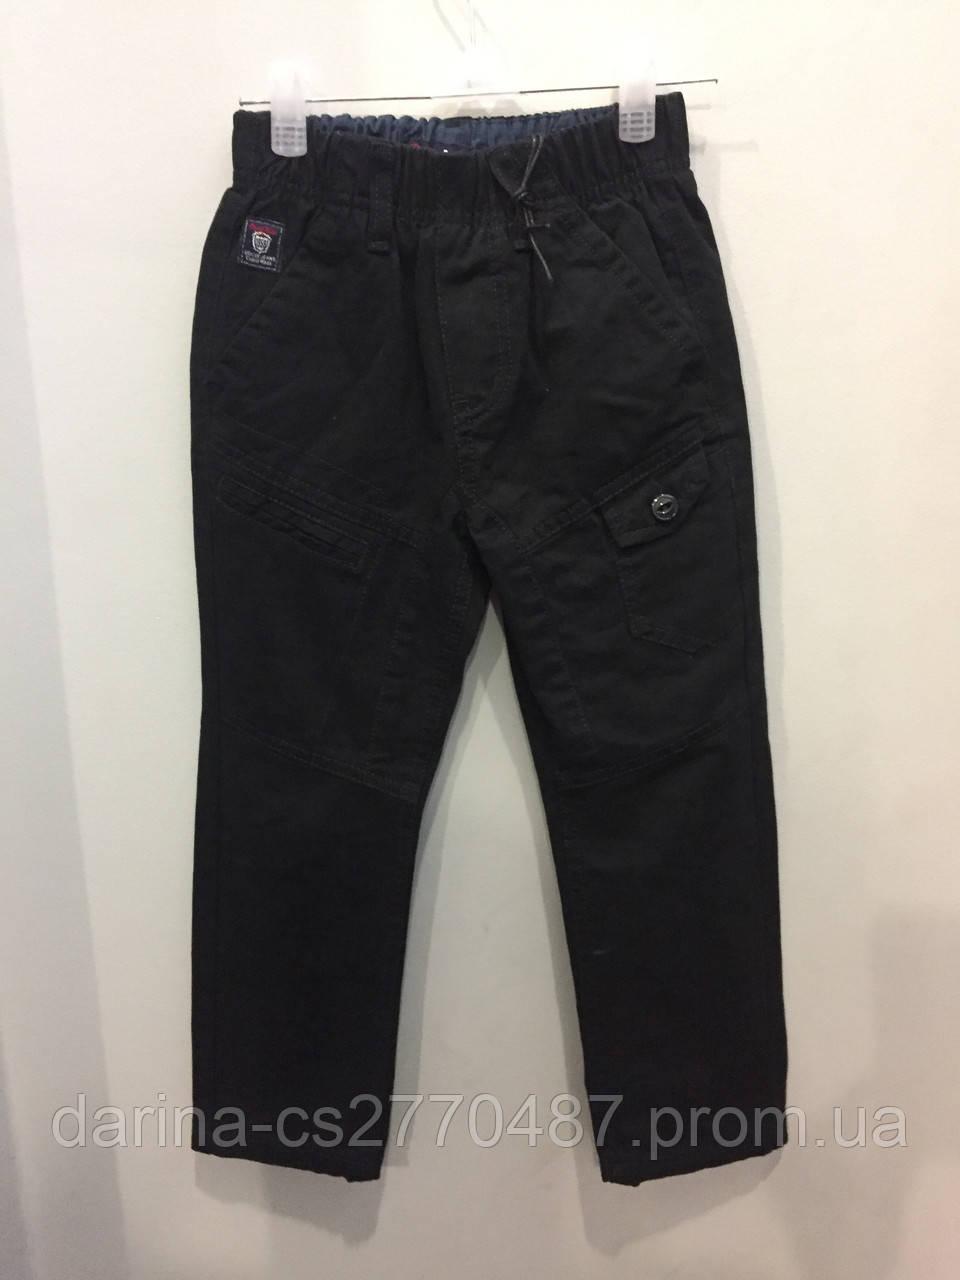 Детские коттоновые брюки 98,104 см